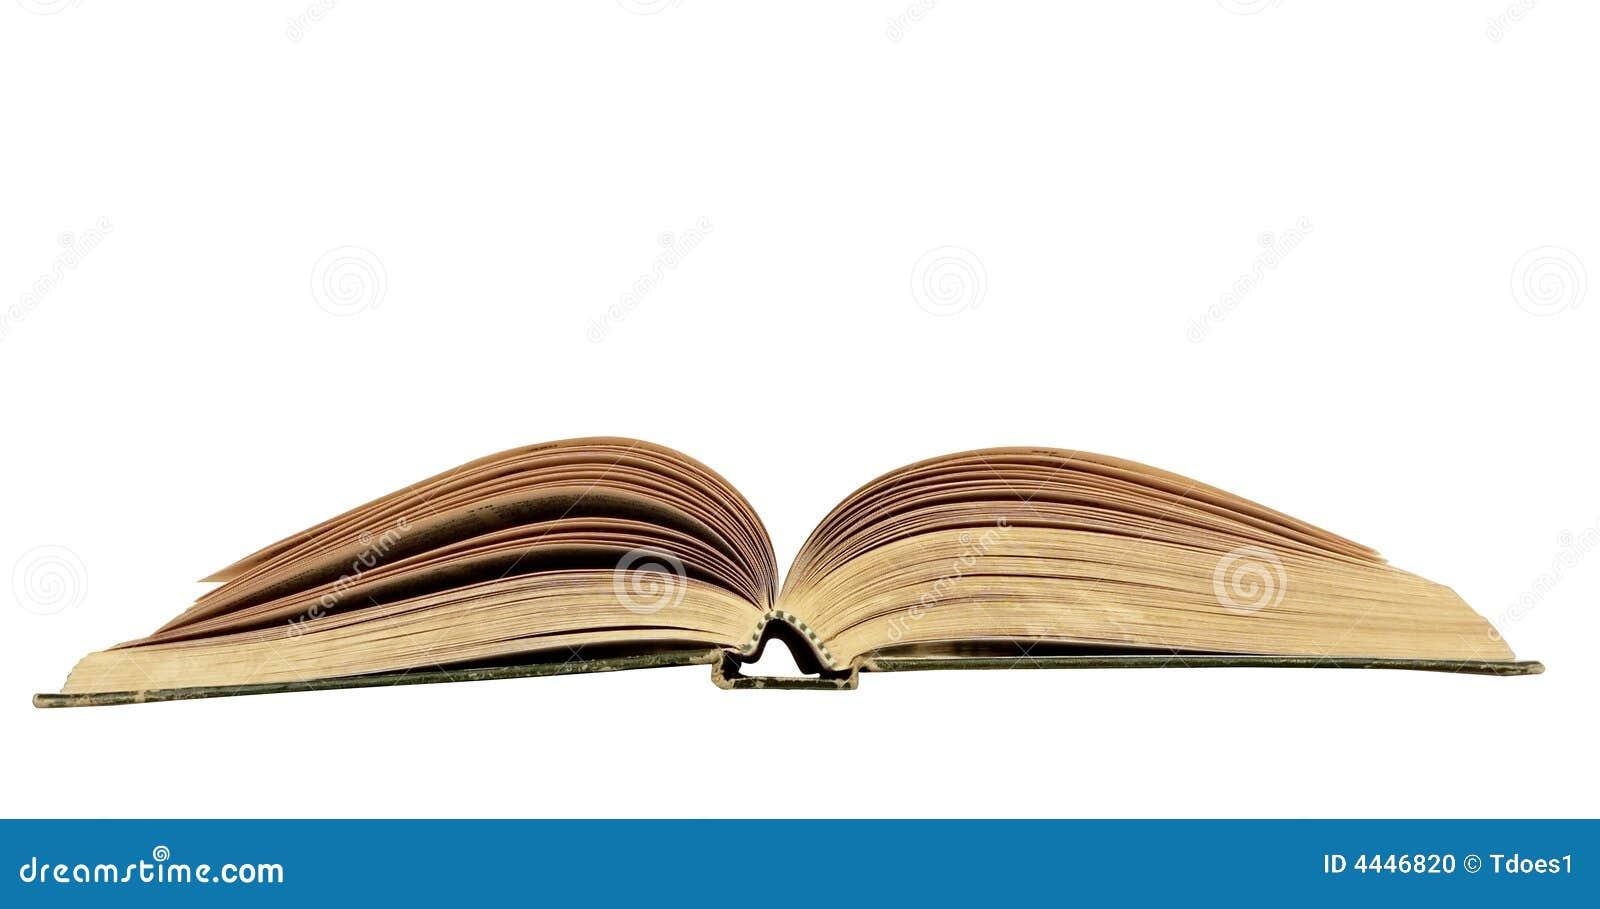 Kopię książki odseparowana otwartej przestrzeni